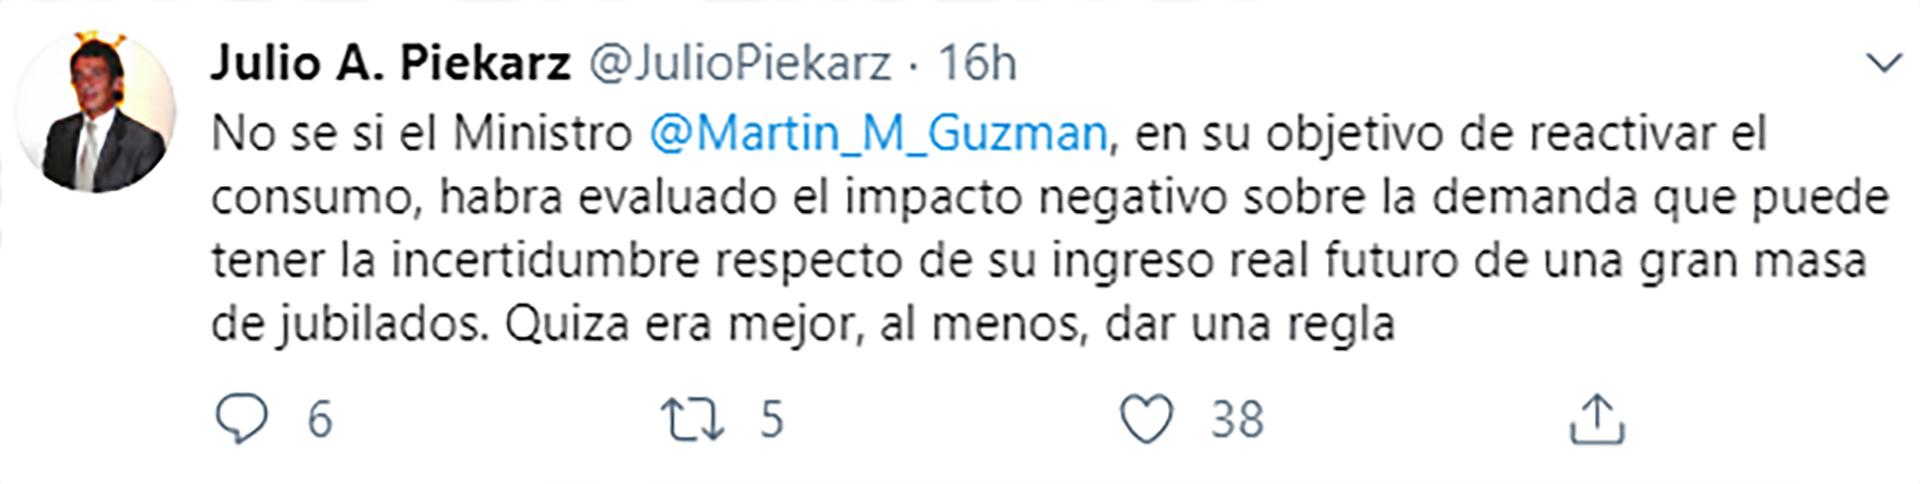 Julio Piekarz, economista y ex funcionario del BCRA, preguntó si Guzmán habrá tenido en cuenta la incertidumbre que ahora tendrán muchos jubilados sobre cuáles serán sus futuros ingresos